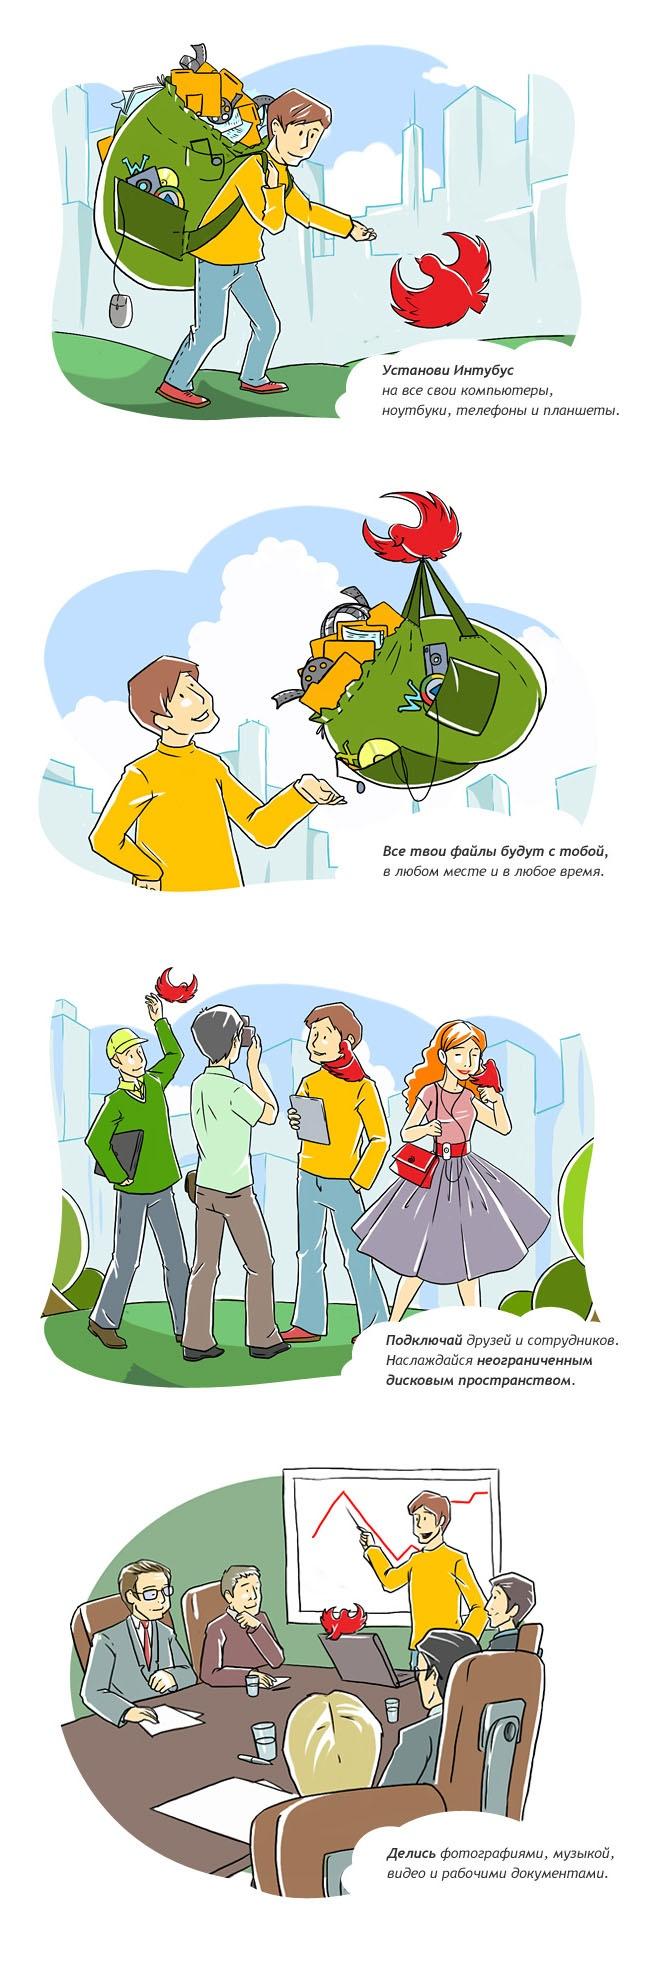 Intubus slides. Illustrator — Natalia Gaida